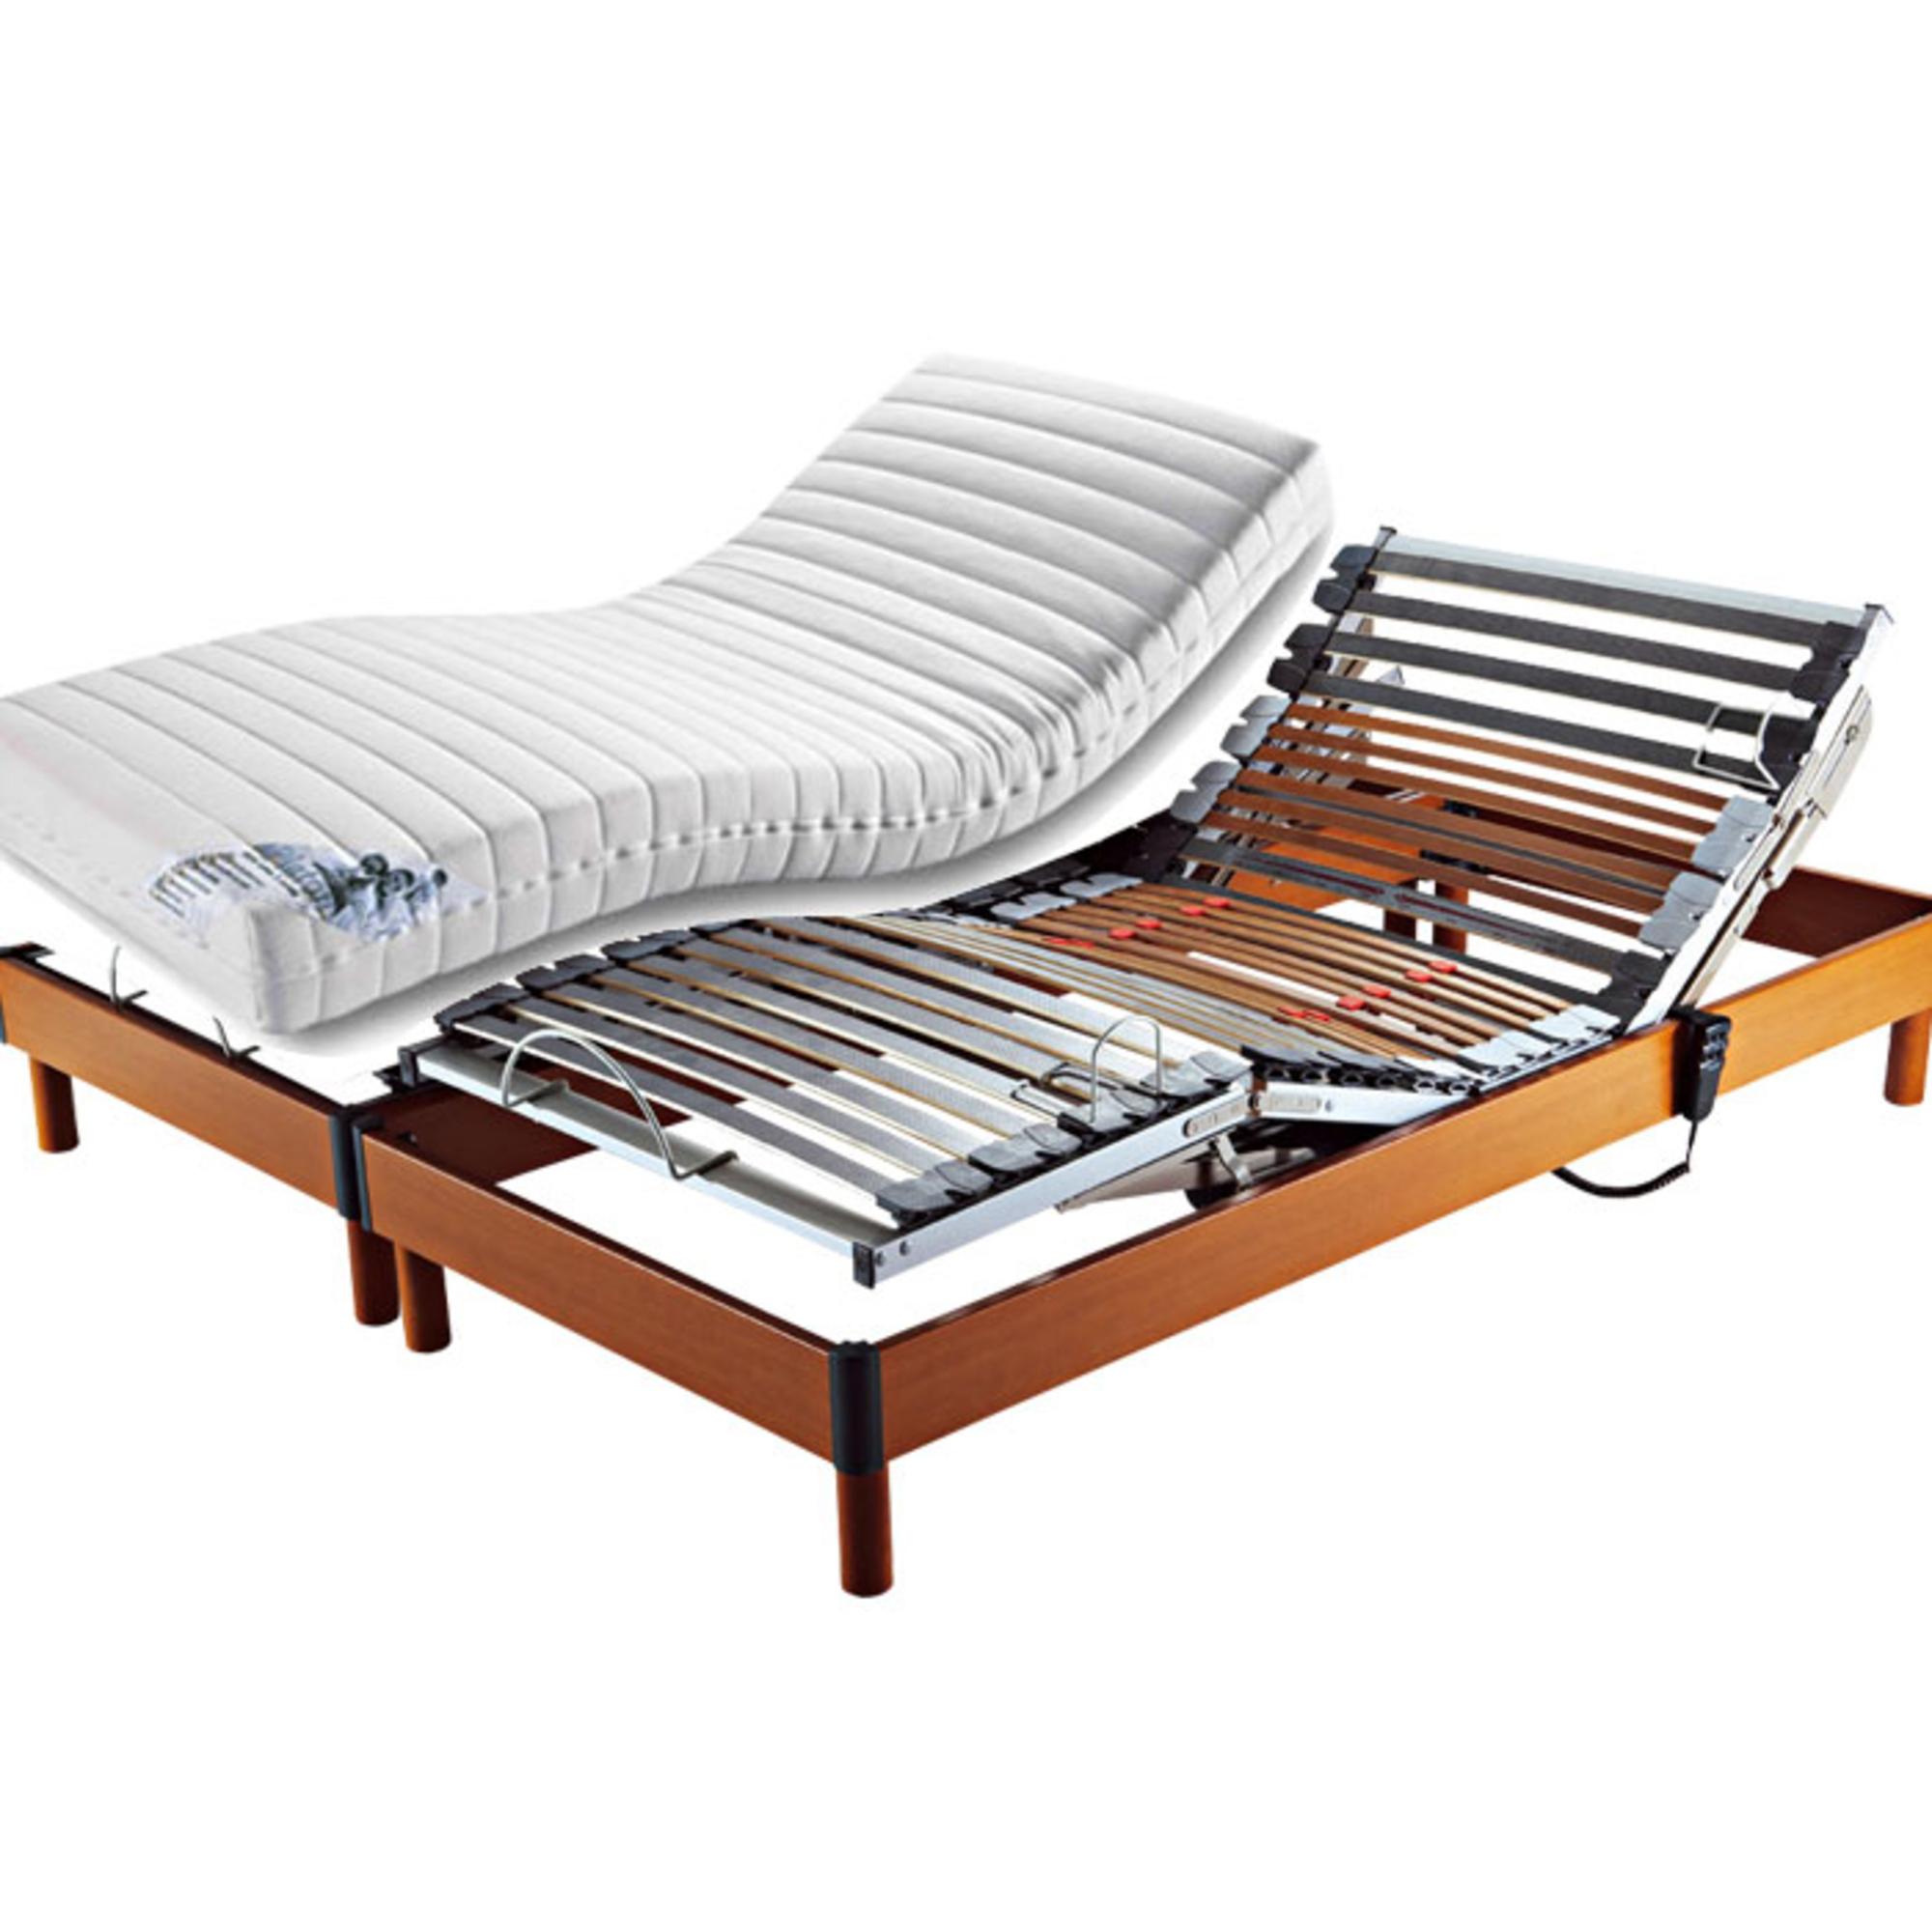 ensemble matelas latex accueil luxe soutien ferme sommier relaxation 2 x 70 x 190. Black Bedroom Furniture Sets. Home Design Ideas